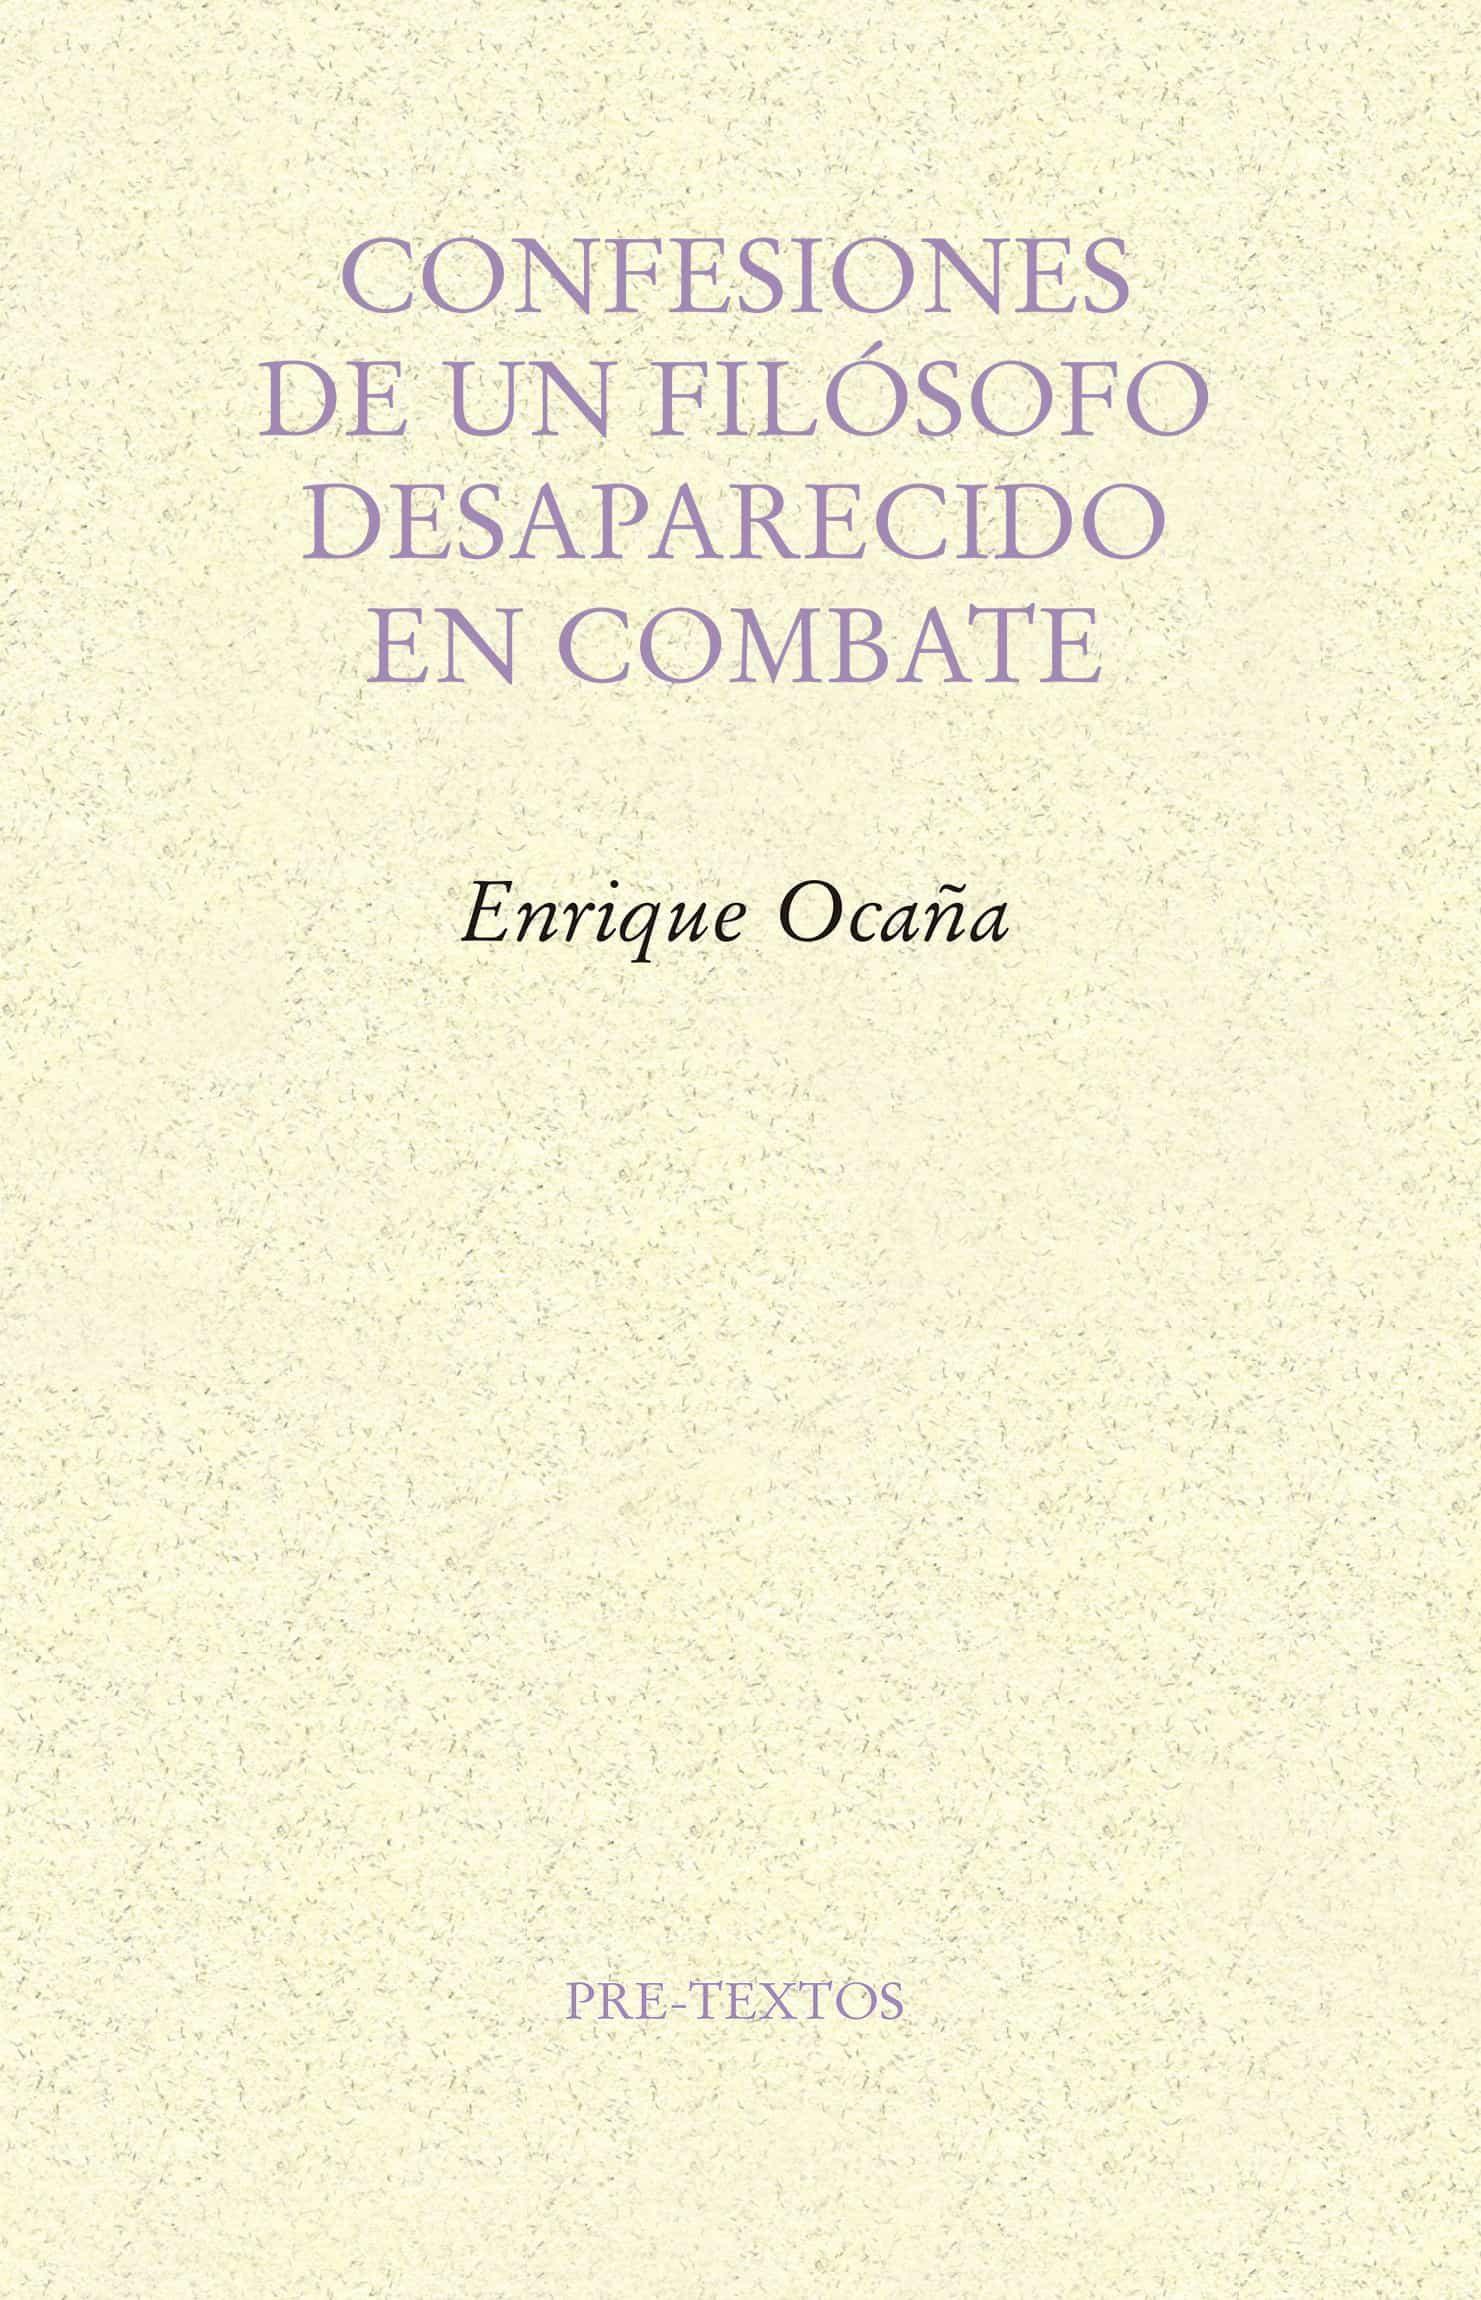 confesiones de un filósofo desaparecido en combate-enrique ocaña fernandez-9788417143244